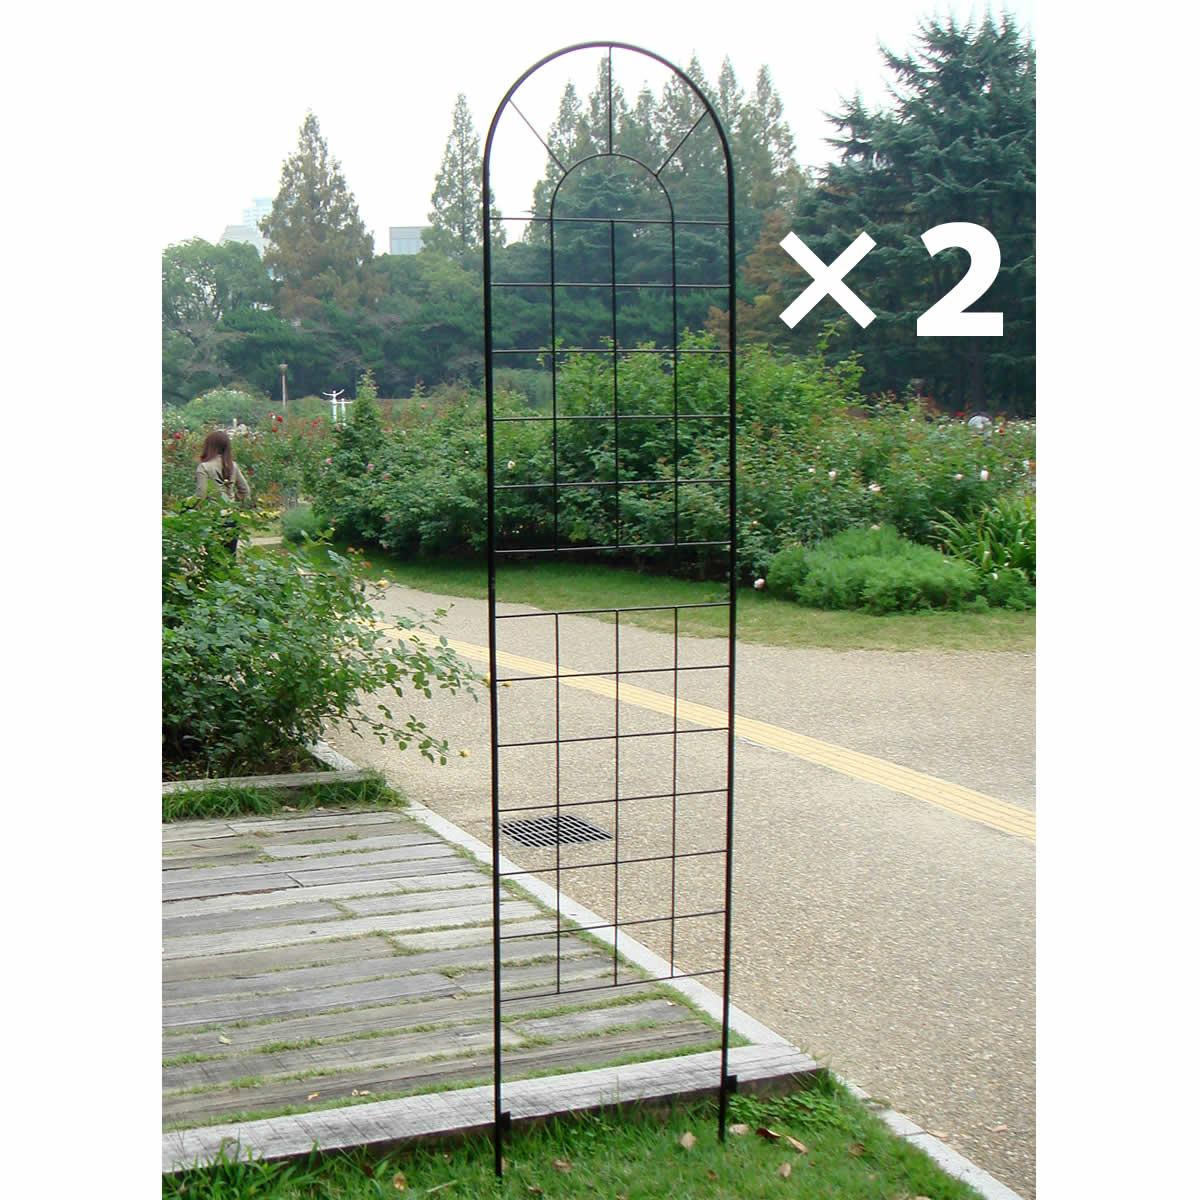 アイアンフェンス220(2枚組) YBIF-220-2P ガーデニング イングリッシュ ガーデン 庭 玄関 屋外 おしゃれ オシャレ アイアン